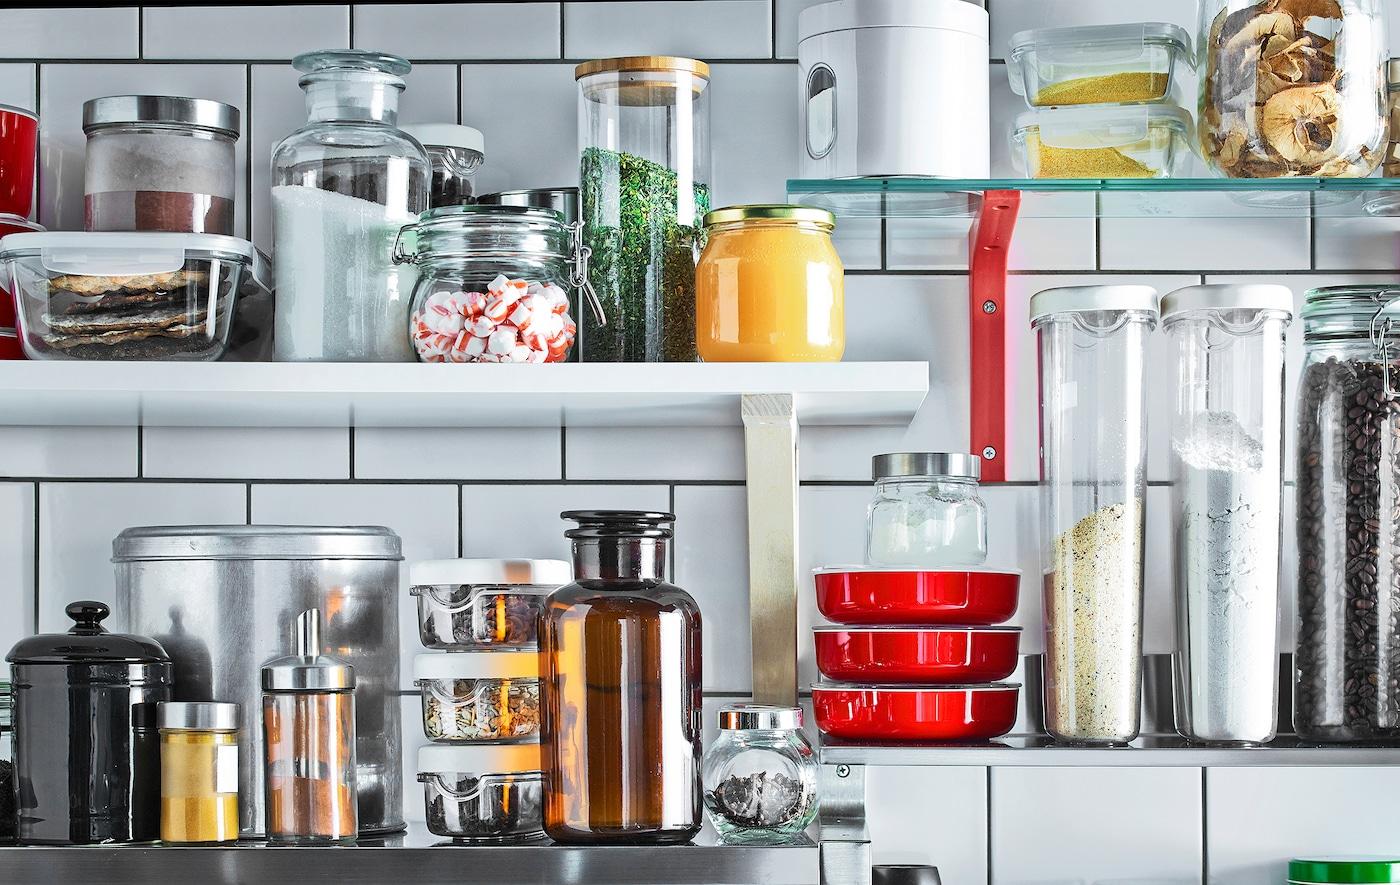 Full Size of Ikea Aufbewahrung Küche Clevere Kchenlsungen Fr Dein Zuhause Deutschland Singleküche Mit E Geräten Ohne Geräte Pendelleuchten Massivholzküche Planen Wohnzimmer Ikea Aufbewahrung Küche